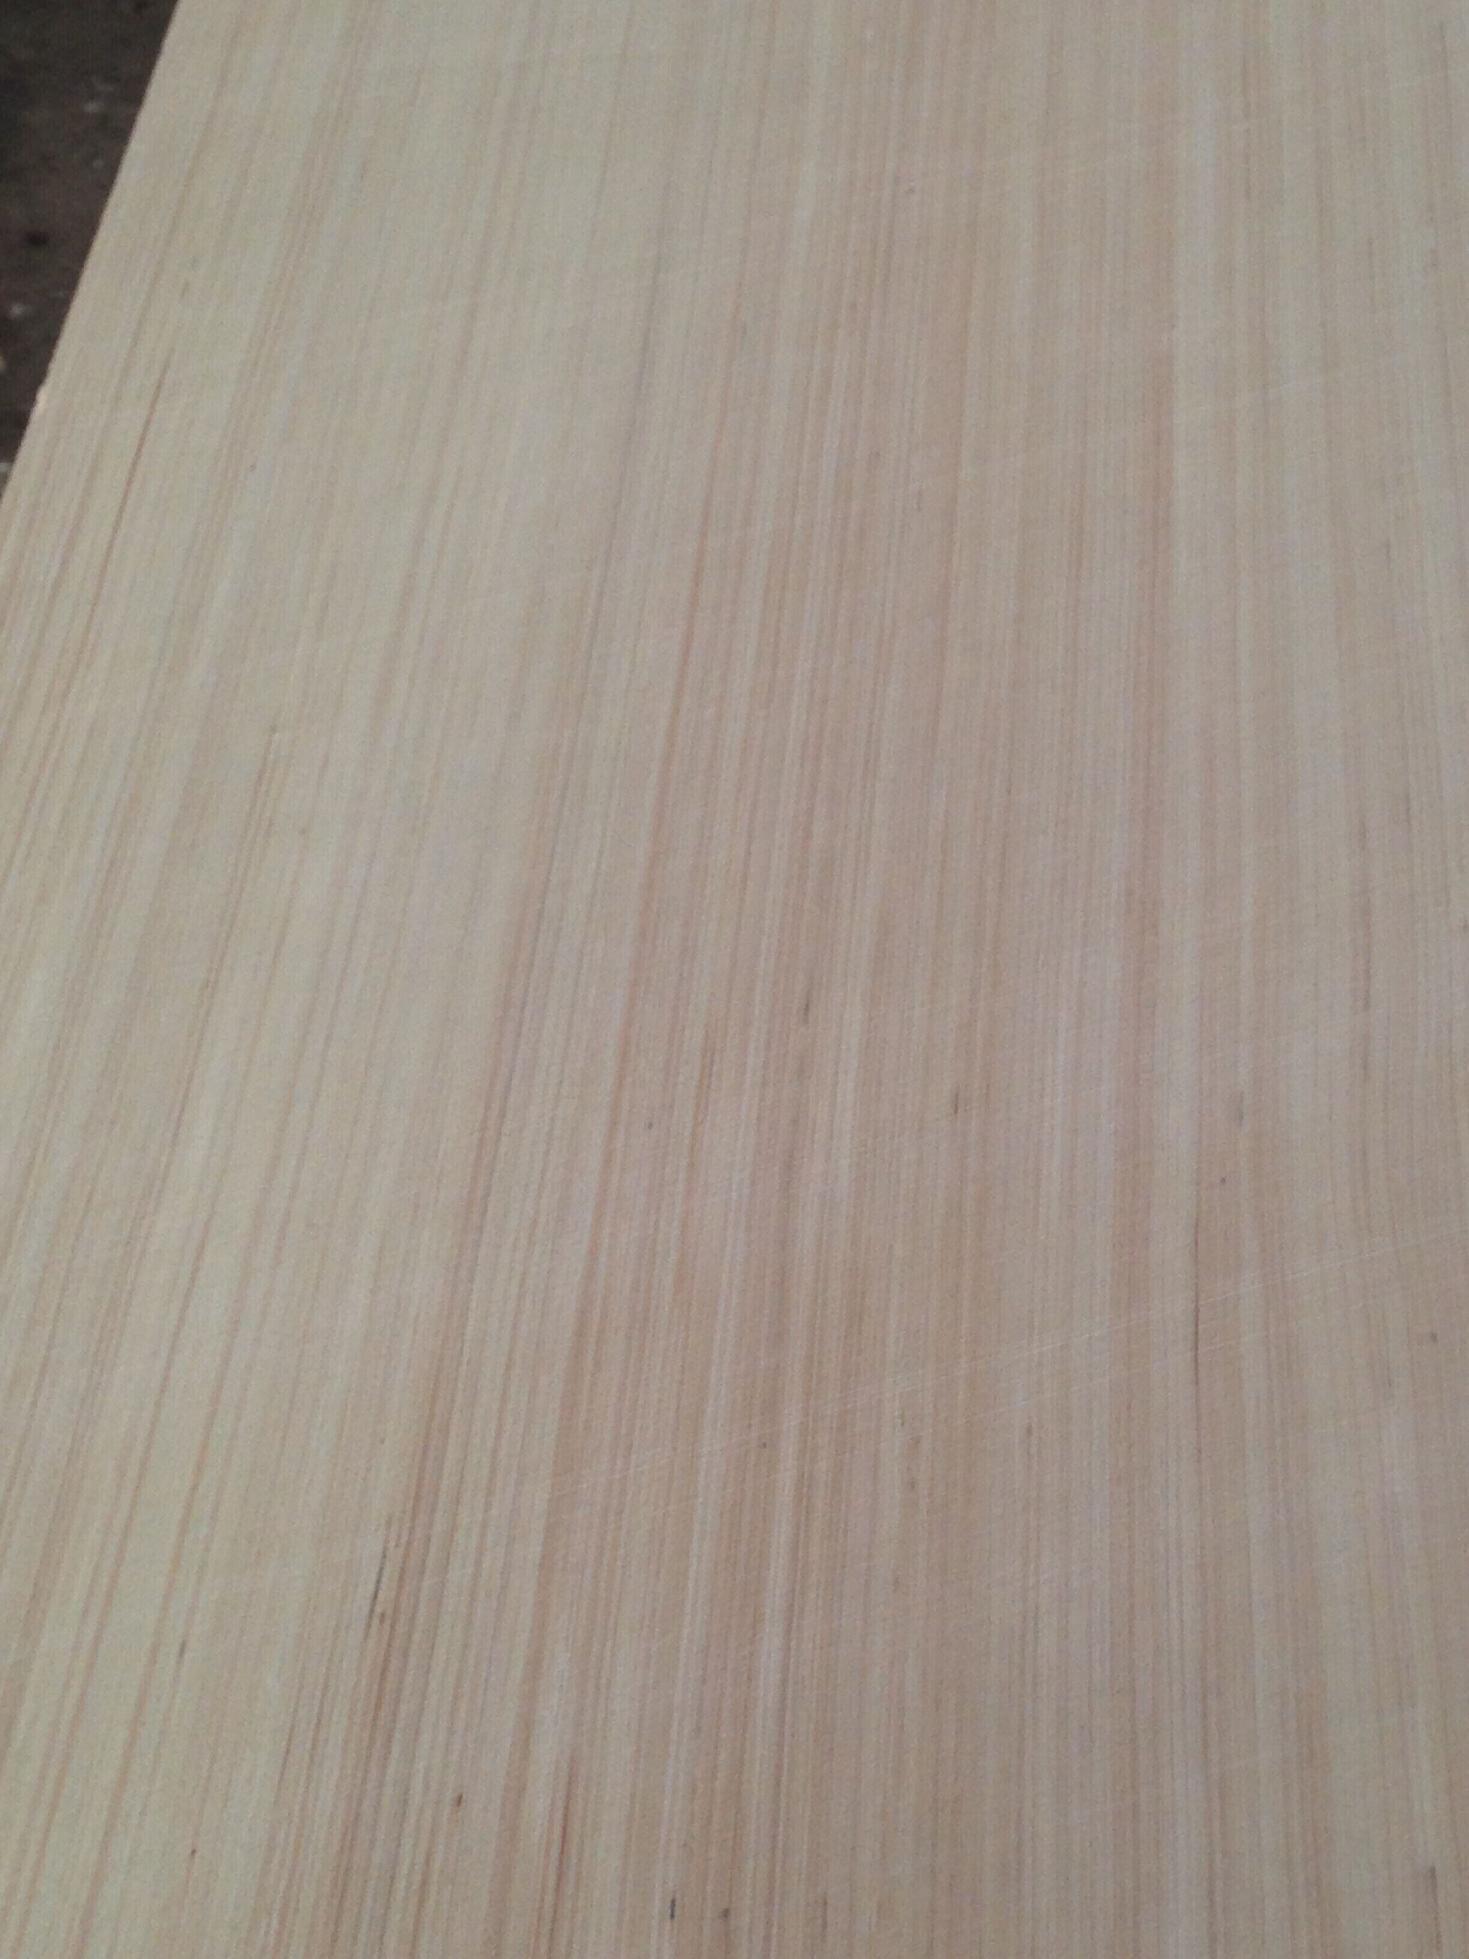 White Recon Veneer